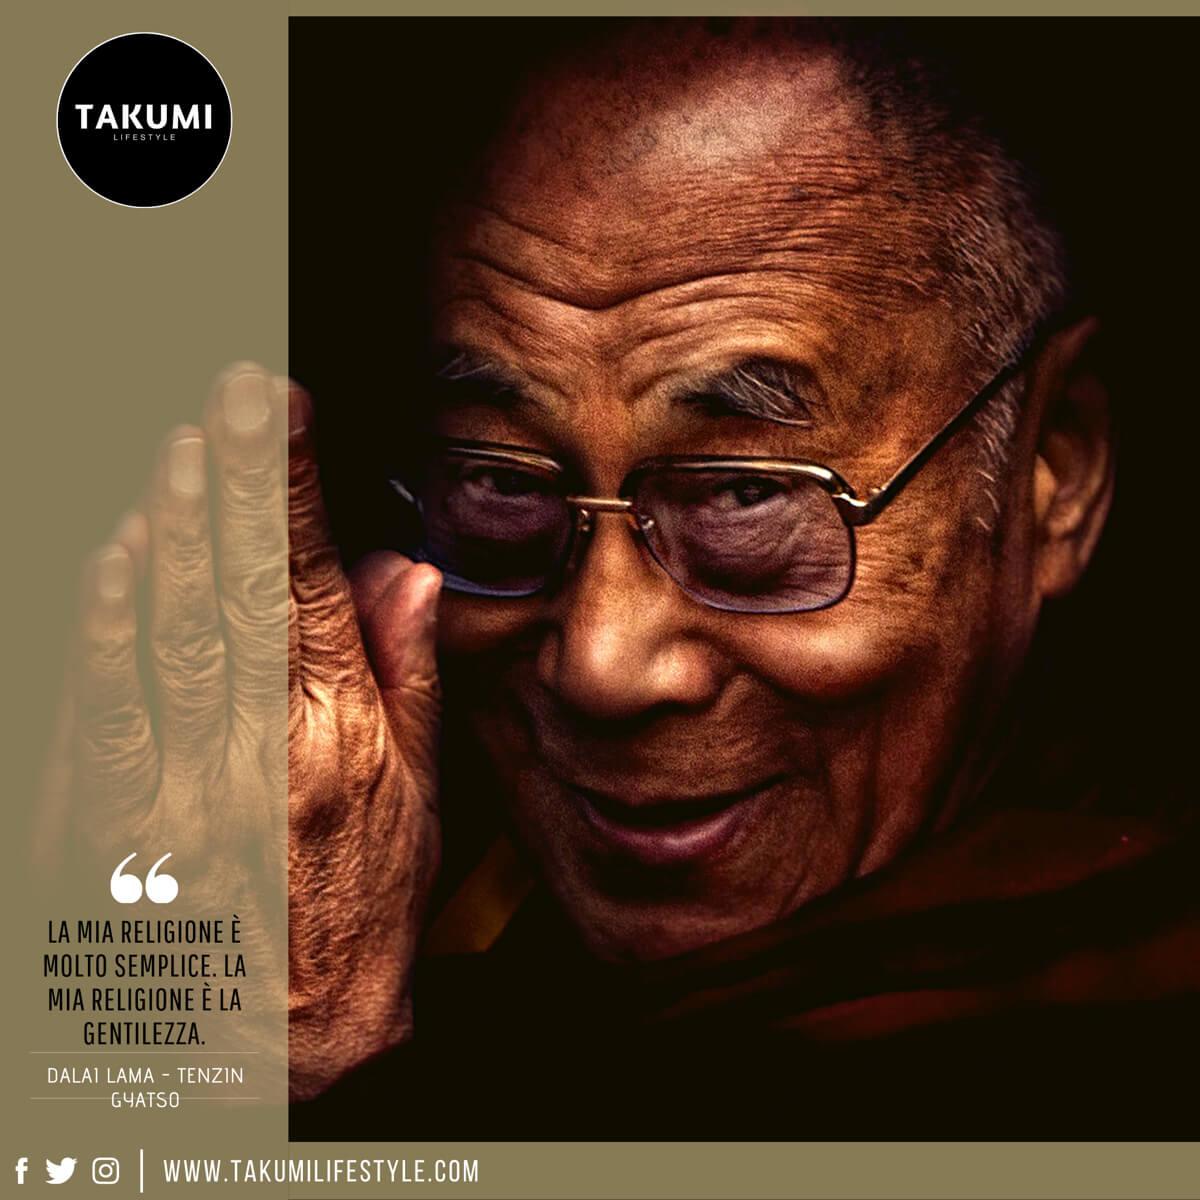 TAKUMI lifestyle - quote#25bis - Dalai Lama